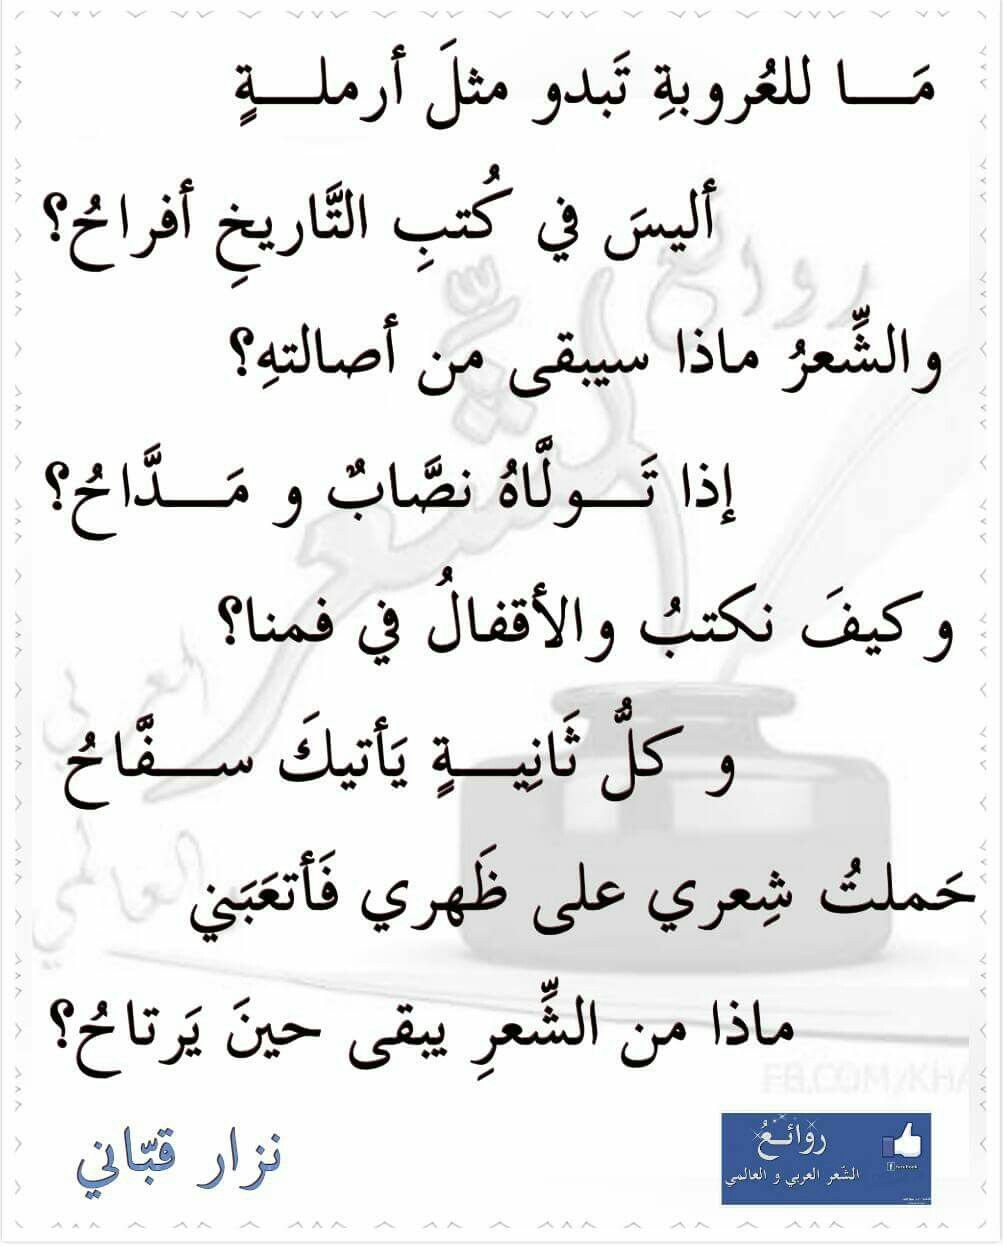 Pin By اكتمال القمر On الشعر العربي Beautiful Arabic Poetry Cool Words Poetry Words Arabic Poetry